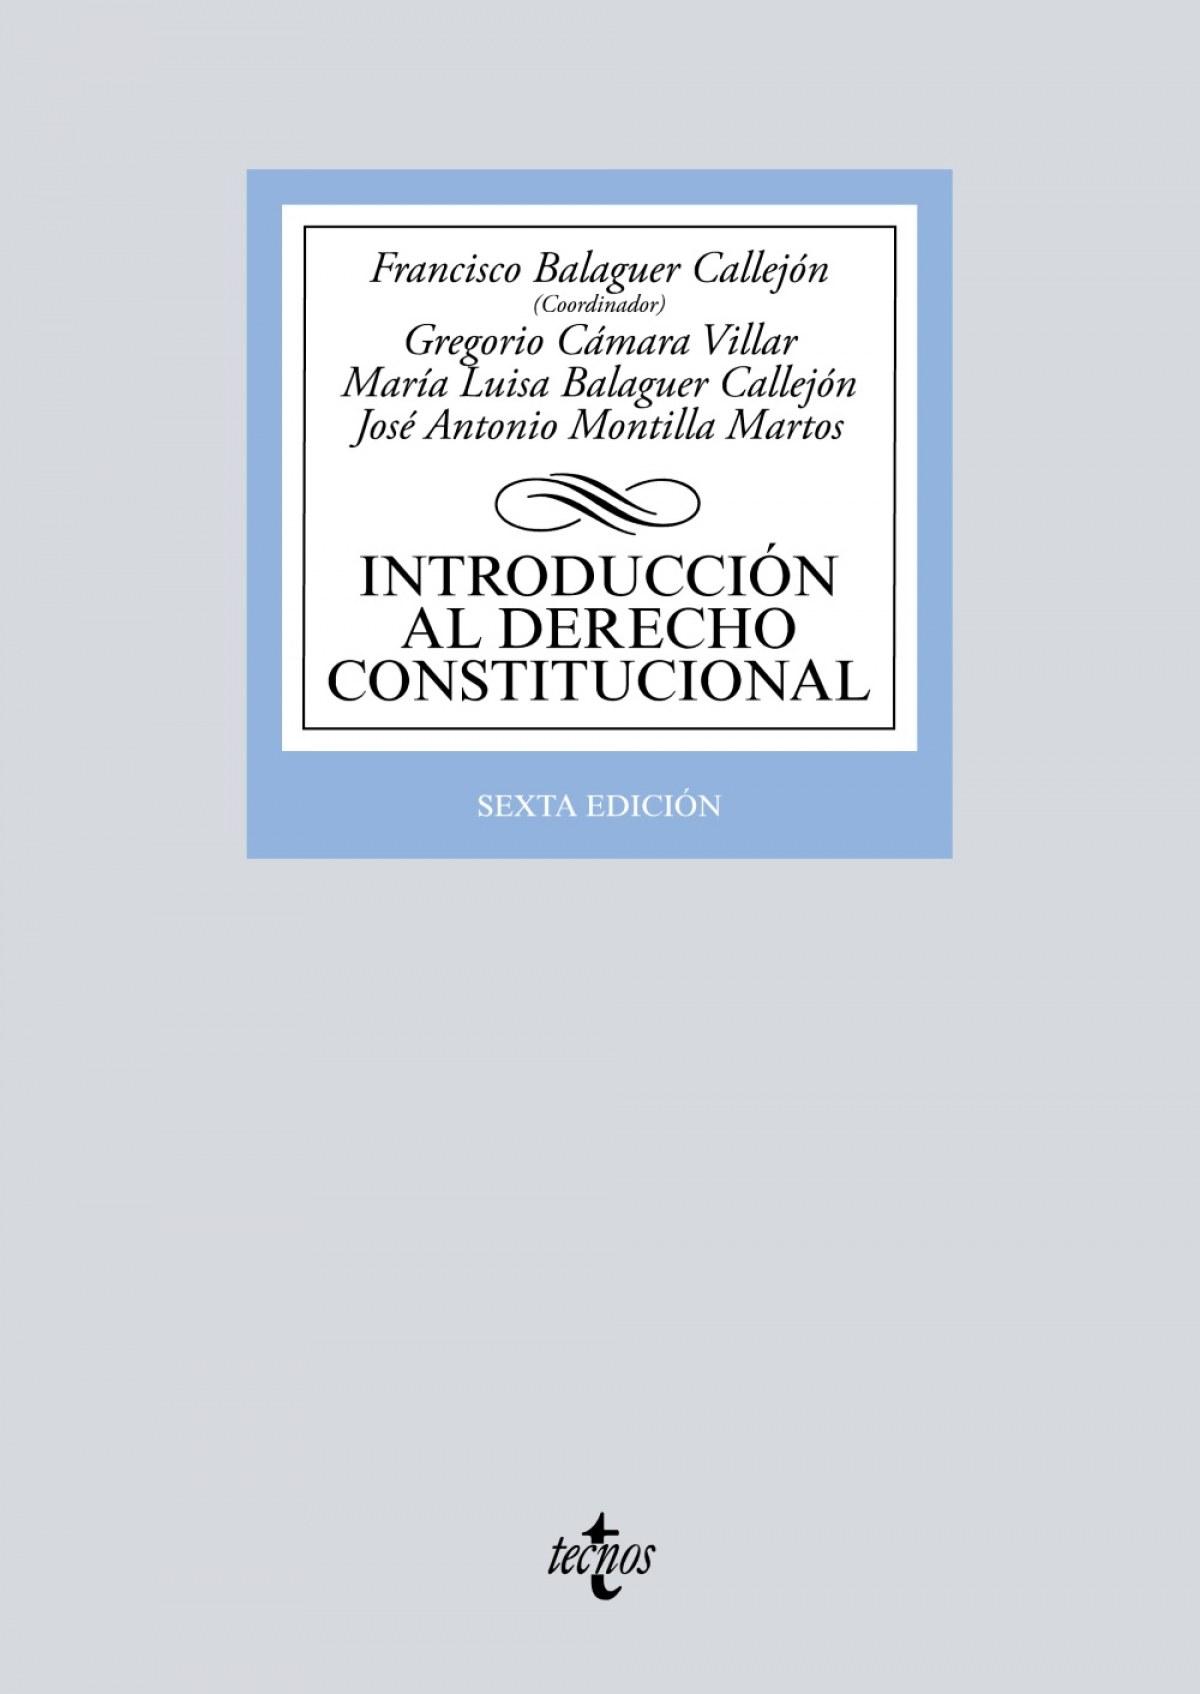 (2017).INTRODUCCION AL DERECHO CONSTITUCIONAL